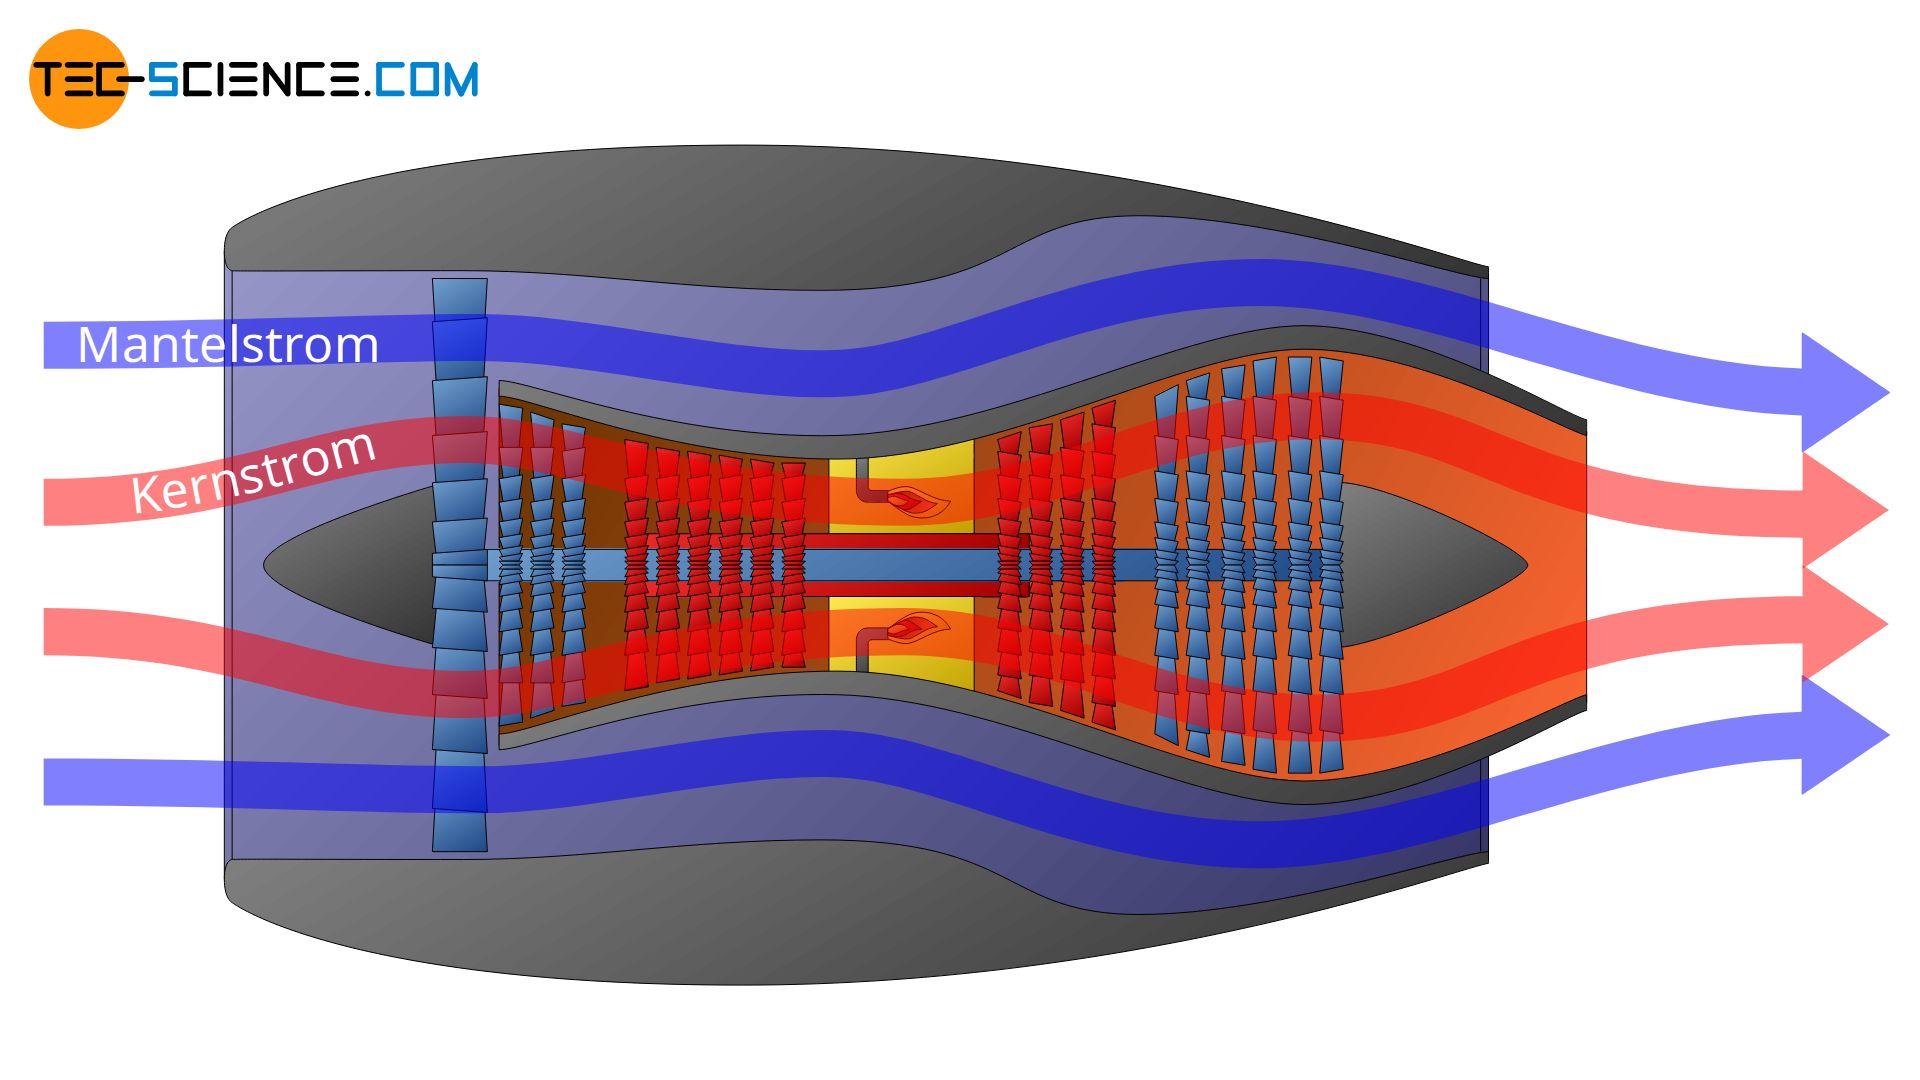 Aufbau und Funktion eines Mantelstromtriebwerks